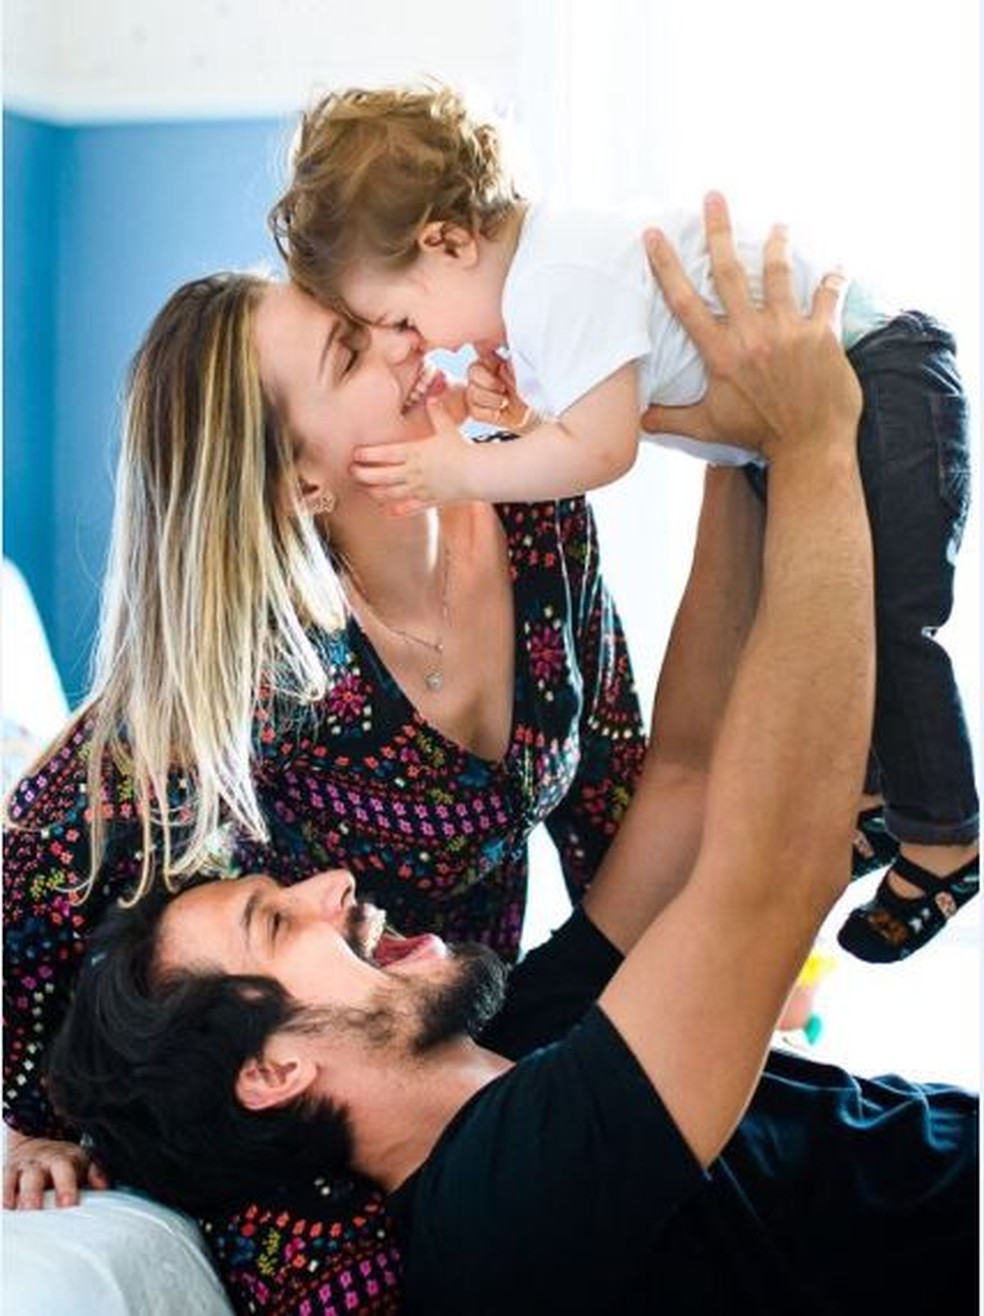 Romulo Estrela com a mulher, Nilma Estrela, e o filho do casal, Theo — Foto: Heitor Vilela/Divulgação